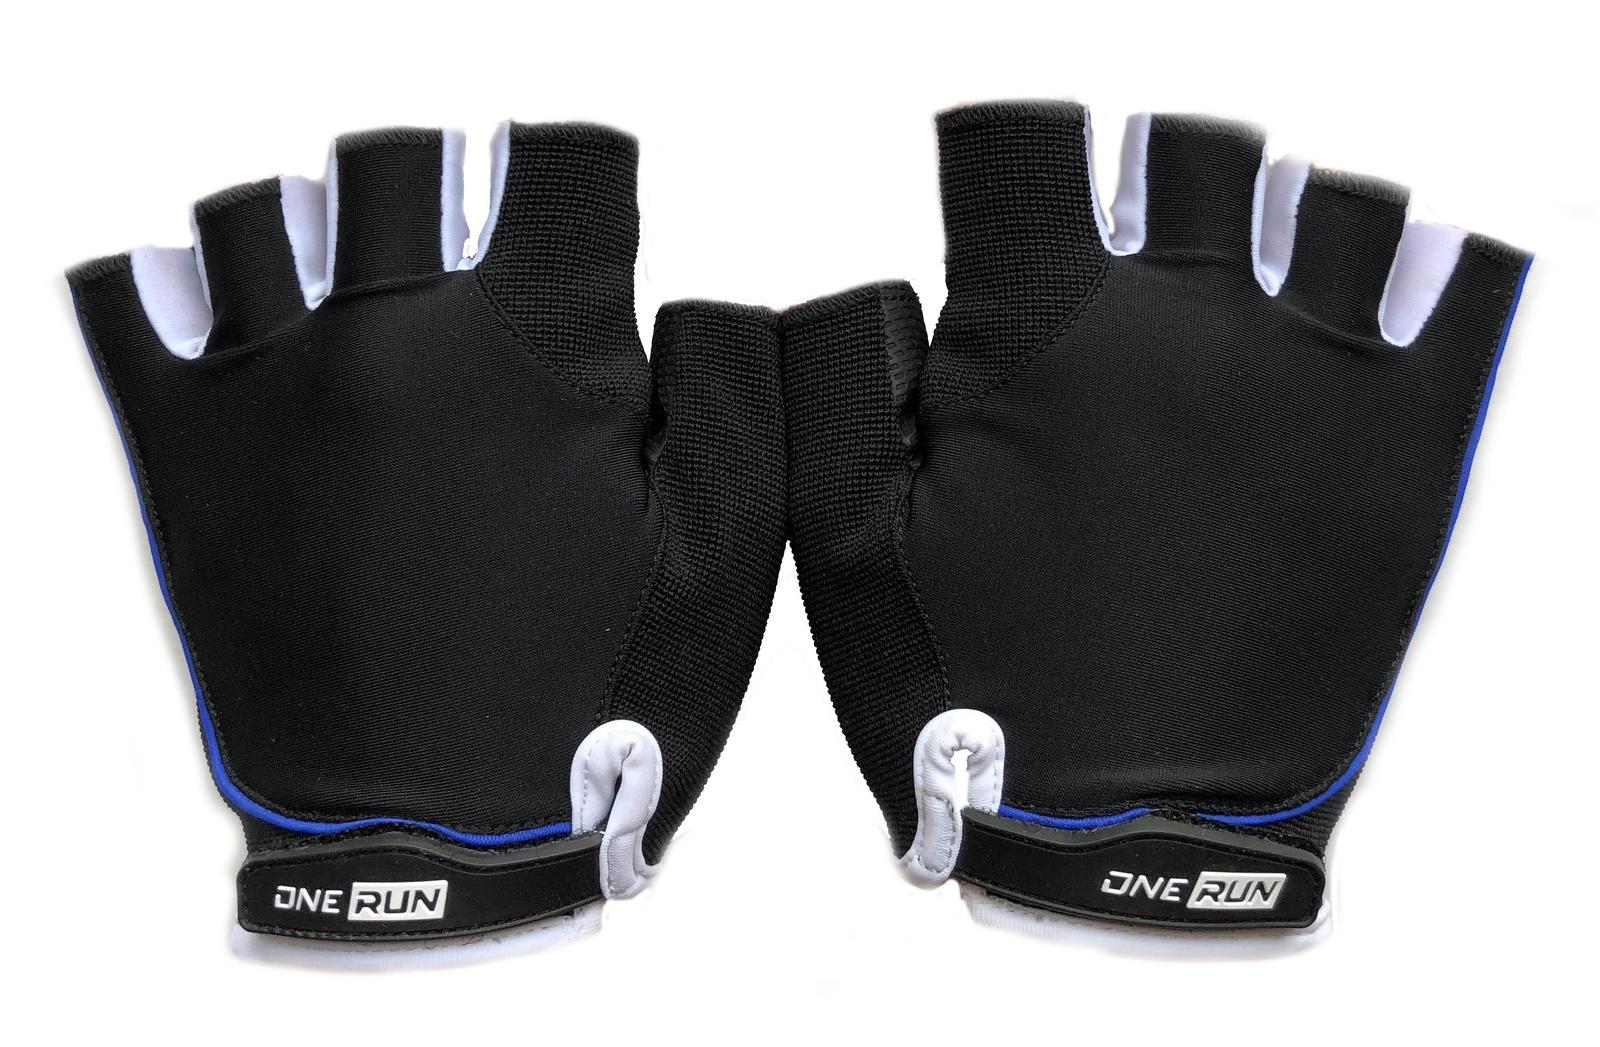 """Перчатки для фитнеса OneRun женские, AI-05-783-M, белый, черный, размер MAI-05-783-MИзносостойкий материал """"Серино"""" обеспечивает хорошее сцепление с поверхностью, позволяя улучшить захват при работе с гантелями, штангами и гирями. Анатомические подушечки обведенены стойким белым принтом. Тыльная сторона перчаток изготовлена из """"дышащего"""" материала, что позволяет отводить пот от рук. Липучка регулирует ширину запястья. Ладонь: 50% серино. Тыльная сторона: 10% эластан, 35% лайкра, 5% спандекс."""